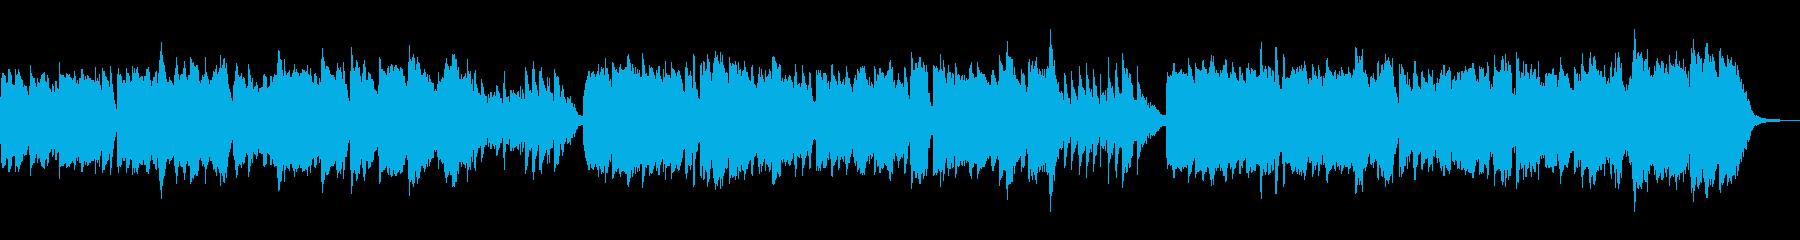 尺八と琴の「うれしいひなまつり」の再生済みの波形